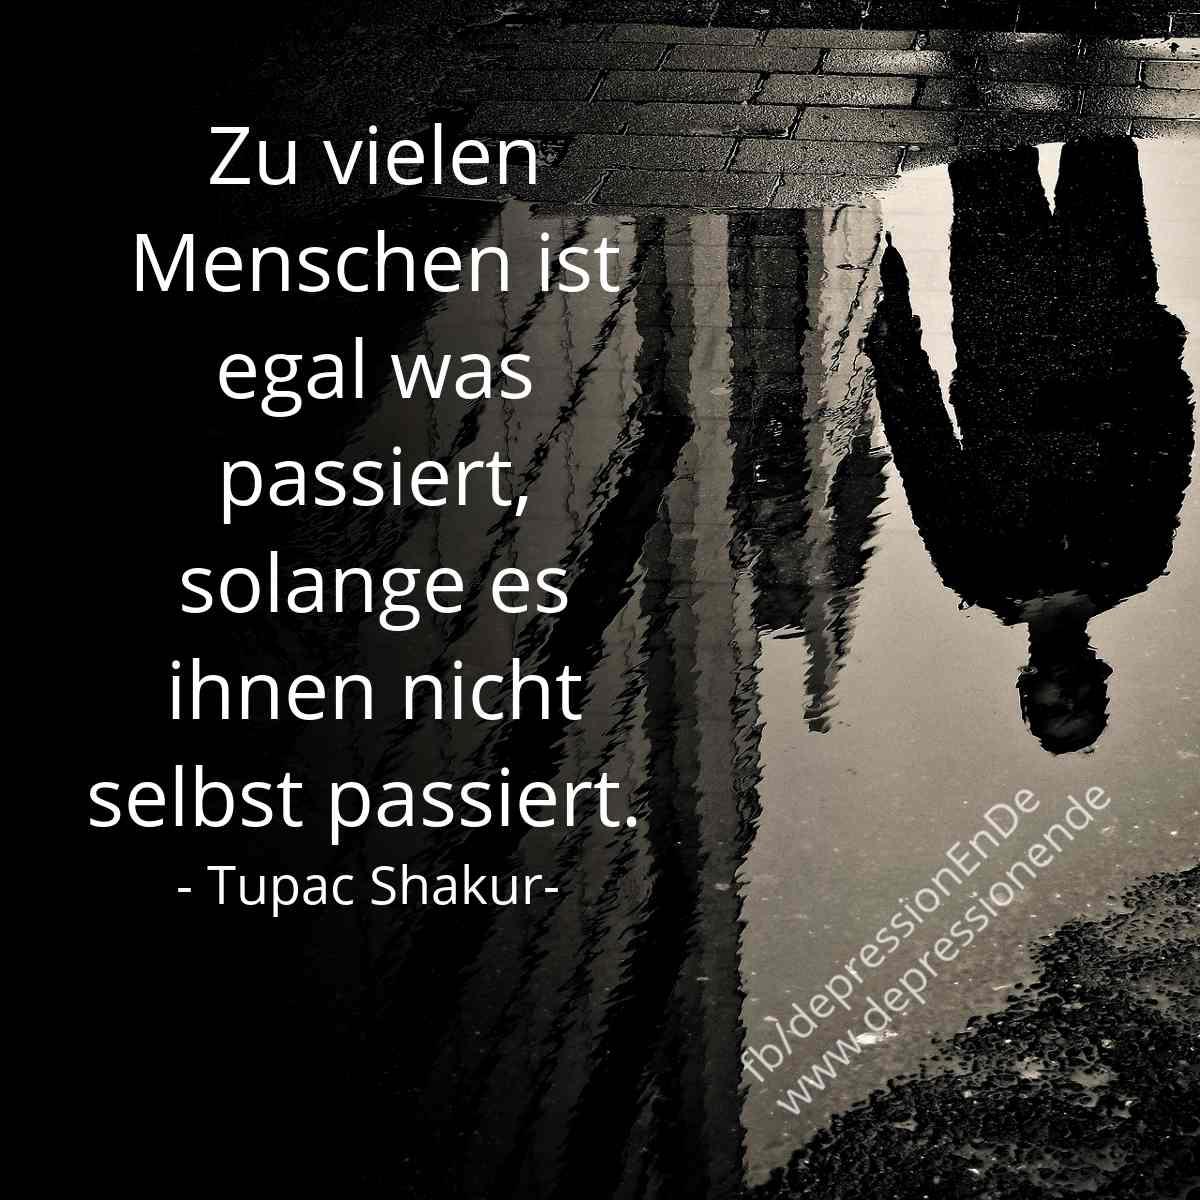 Zu vielen Menschen ist egal was passiert, solange es ihnen nicht selbst passiert. Tupac Shakur